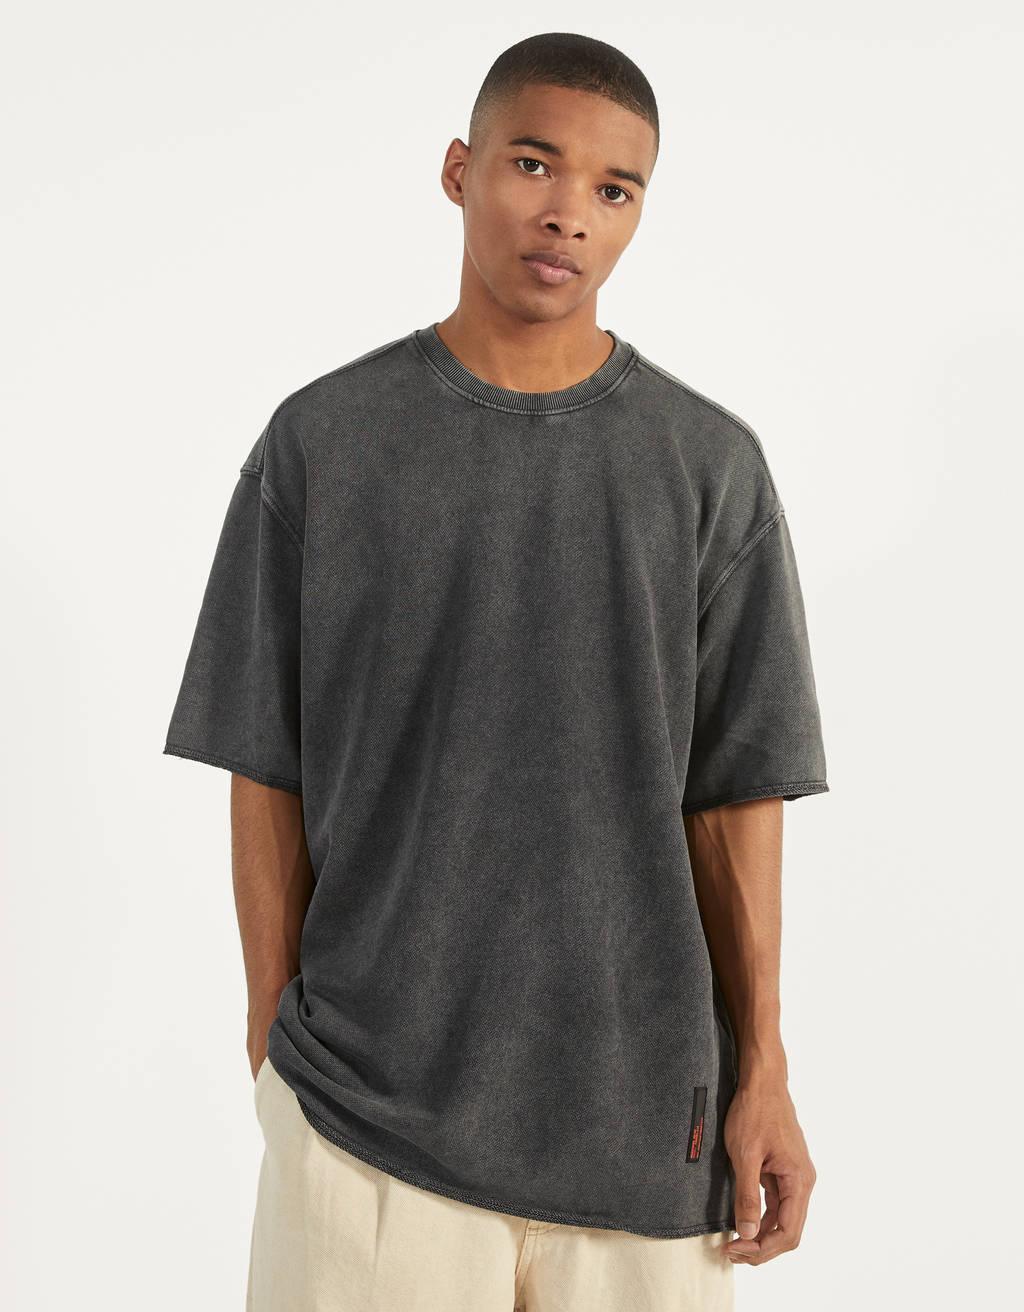 Pliušiniai marškinėliai